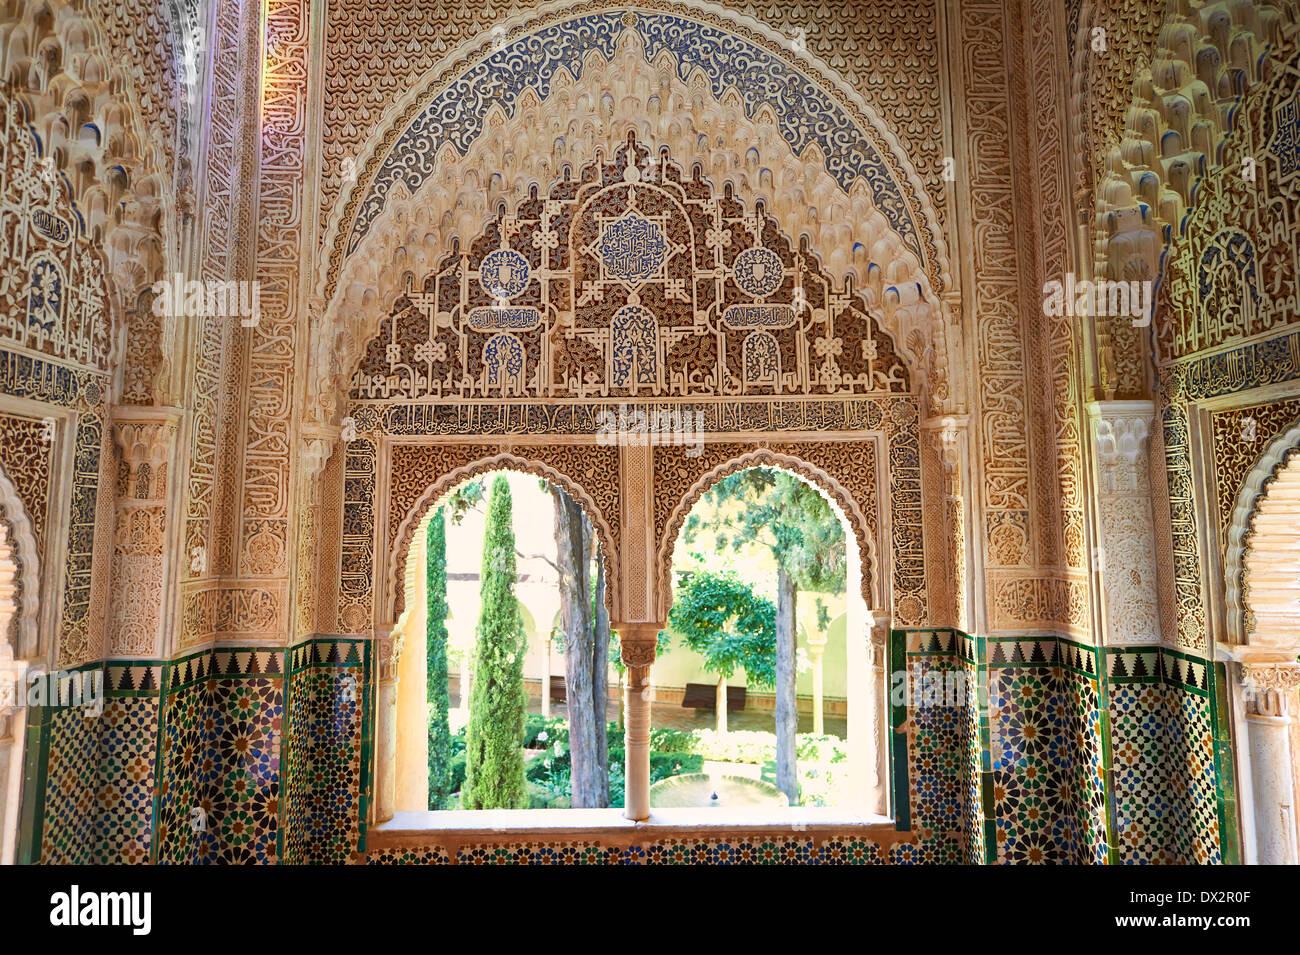 Arabesque maurischen Tropfsteinhöhle oder Morcabe Architektur von Palacios Nazaries, Alhambra. Granada, Andalusien, Spanien. Stockbild